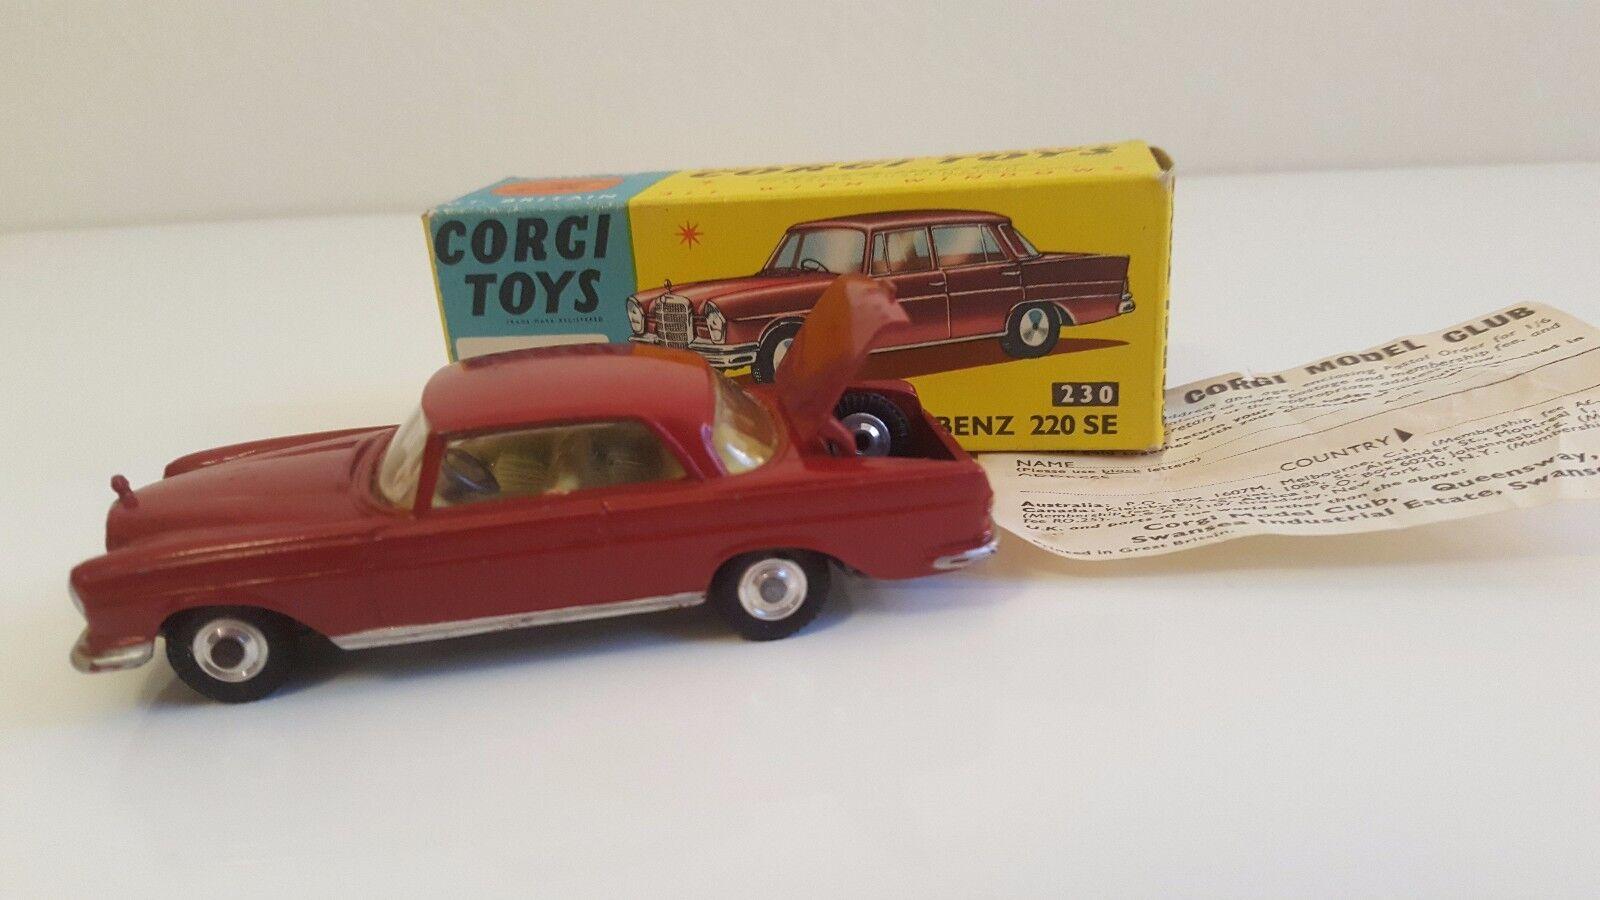 Corgi Toys - 230 - Mercedes 220 SE Coupé en boîte d'origine VN Mib